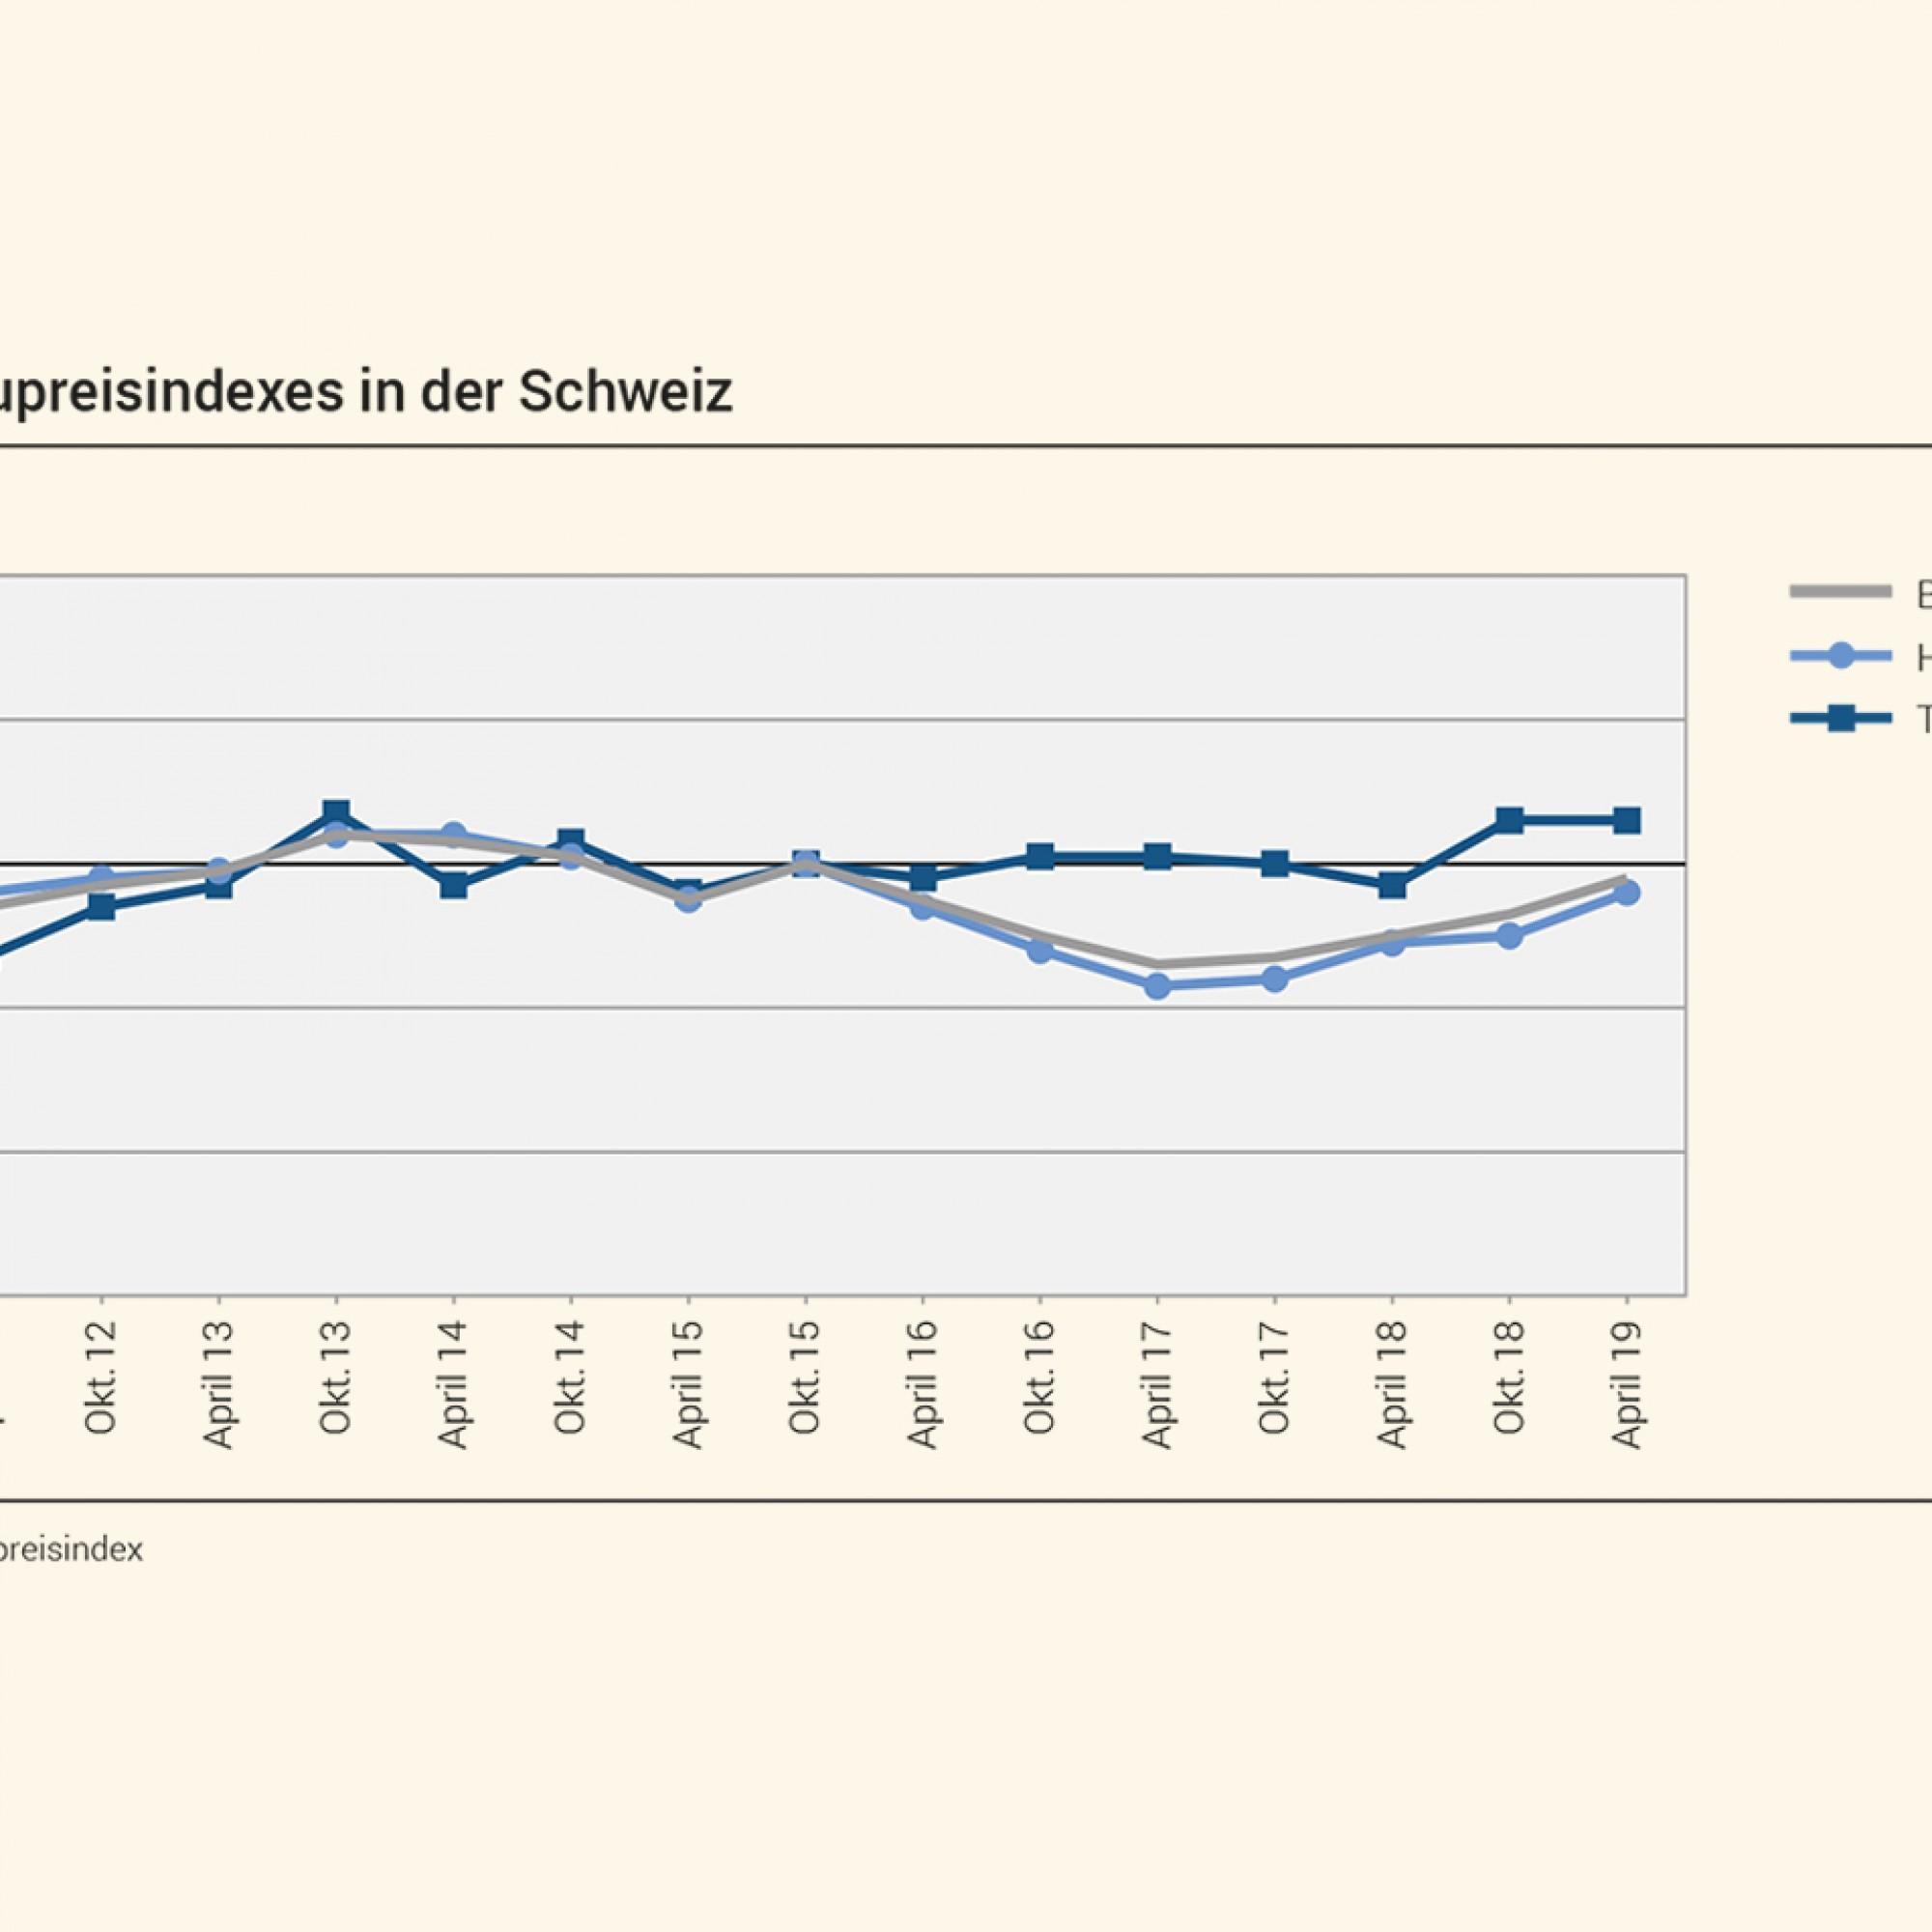 Entwicklung des Baupreisindexes in der Schweiz, Zeitraum: 1.Oktober 2010 - 30. April 2019.